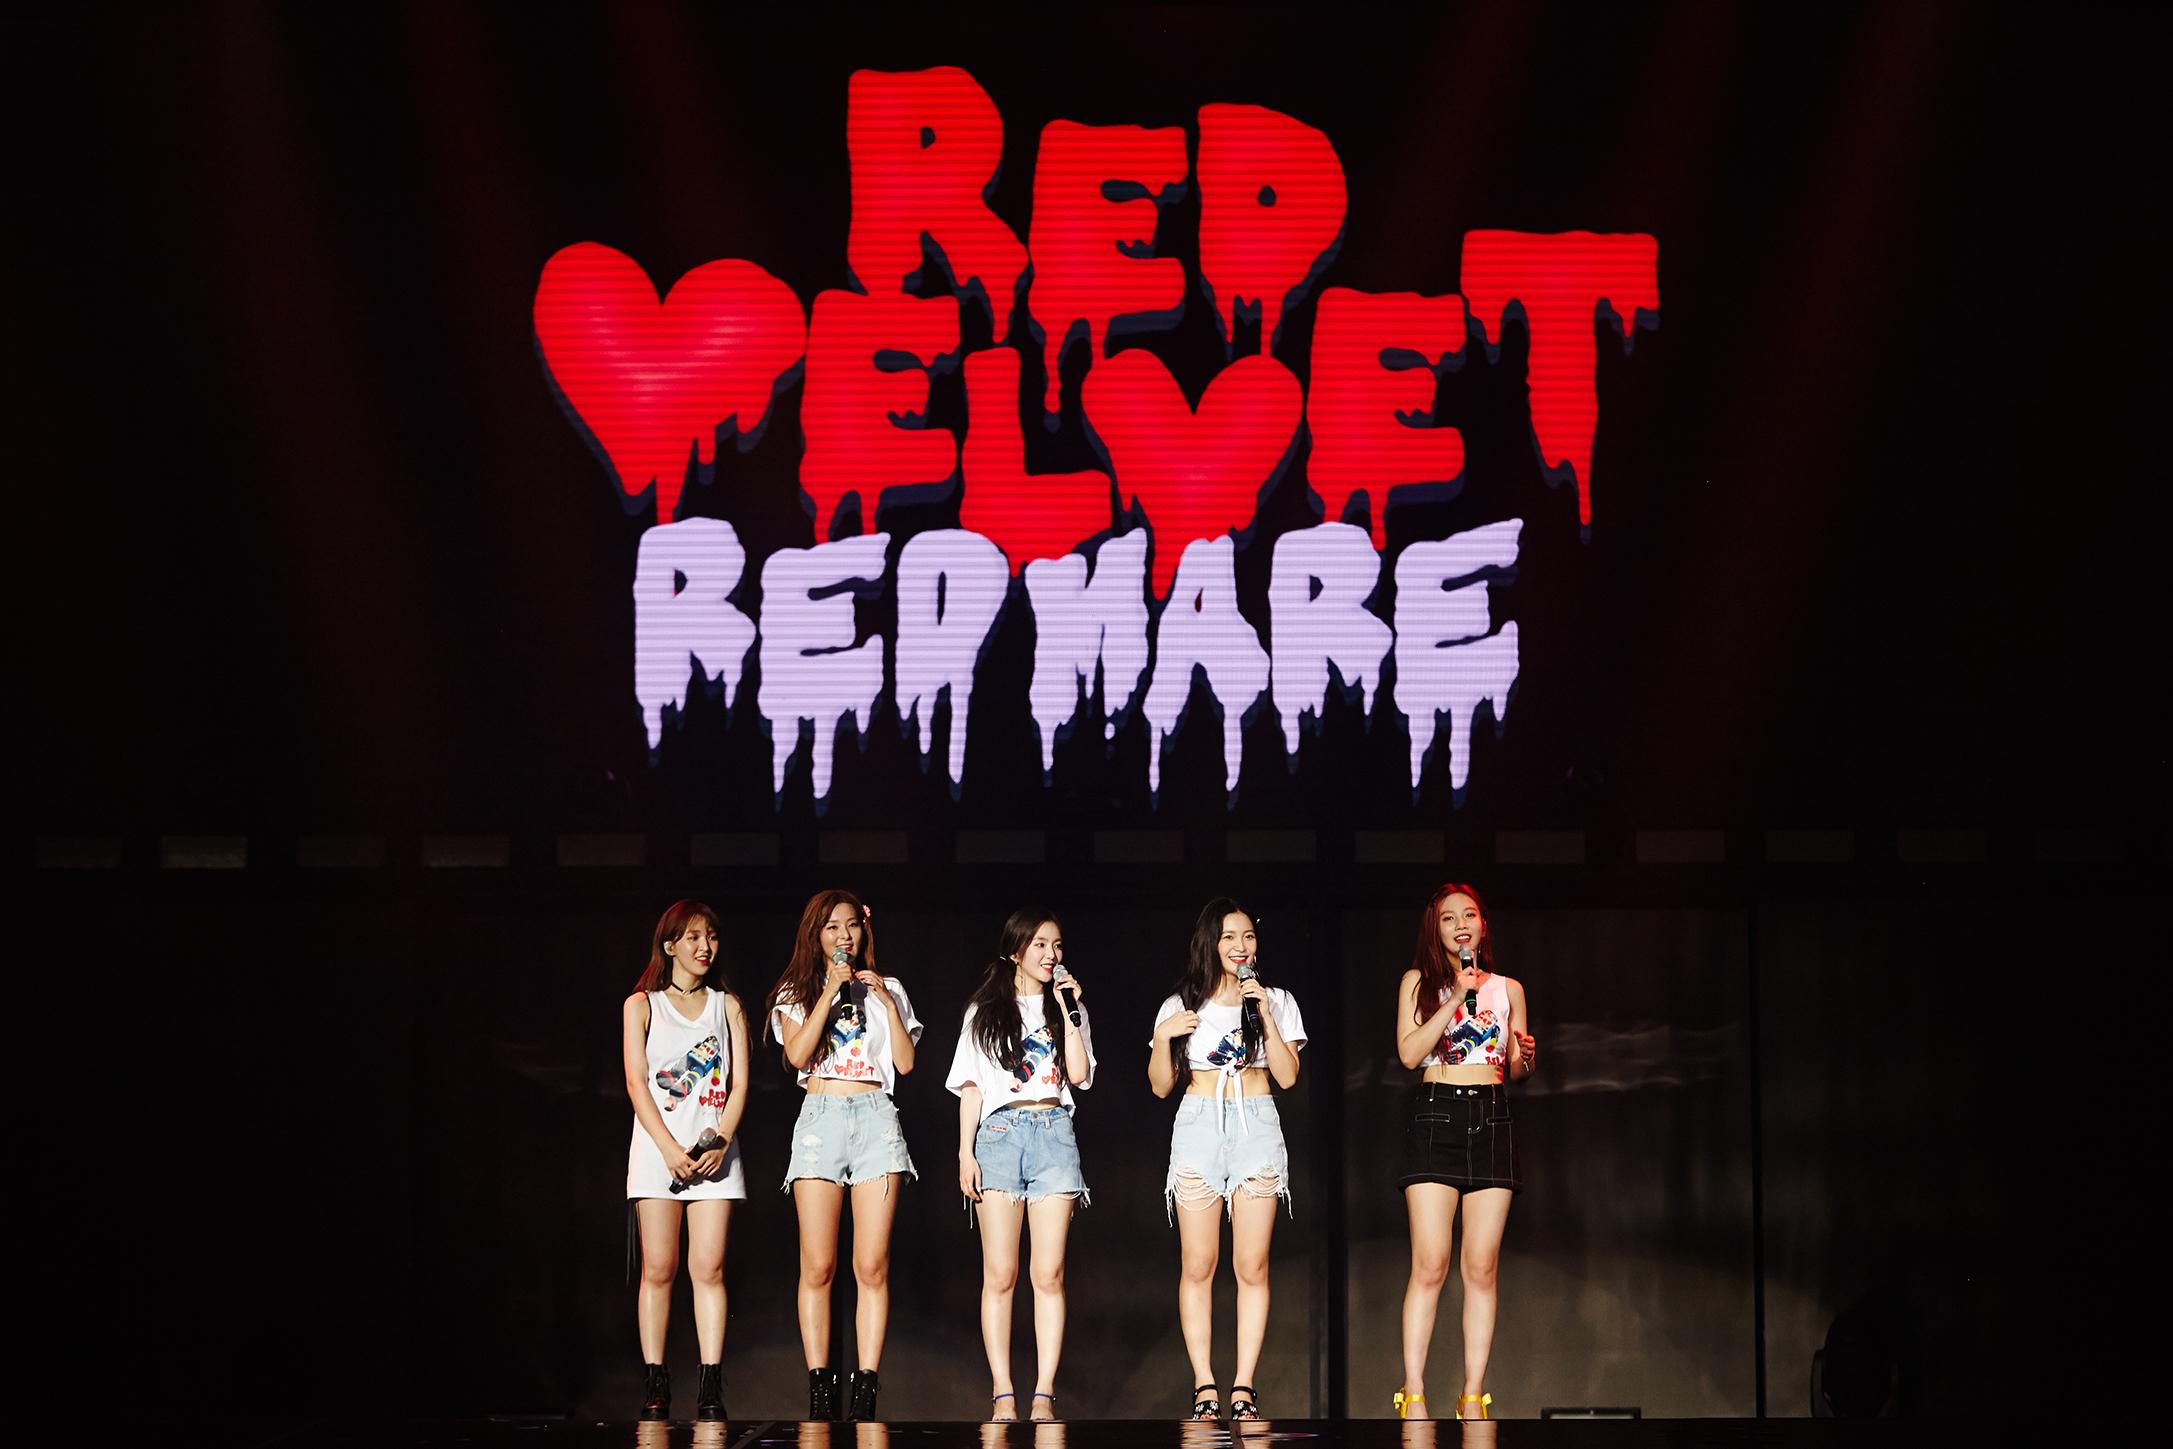 레드벨벳 두 번째 단독 콘서트 이미지 4.jpg